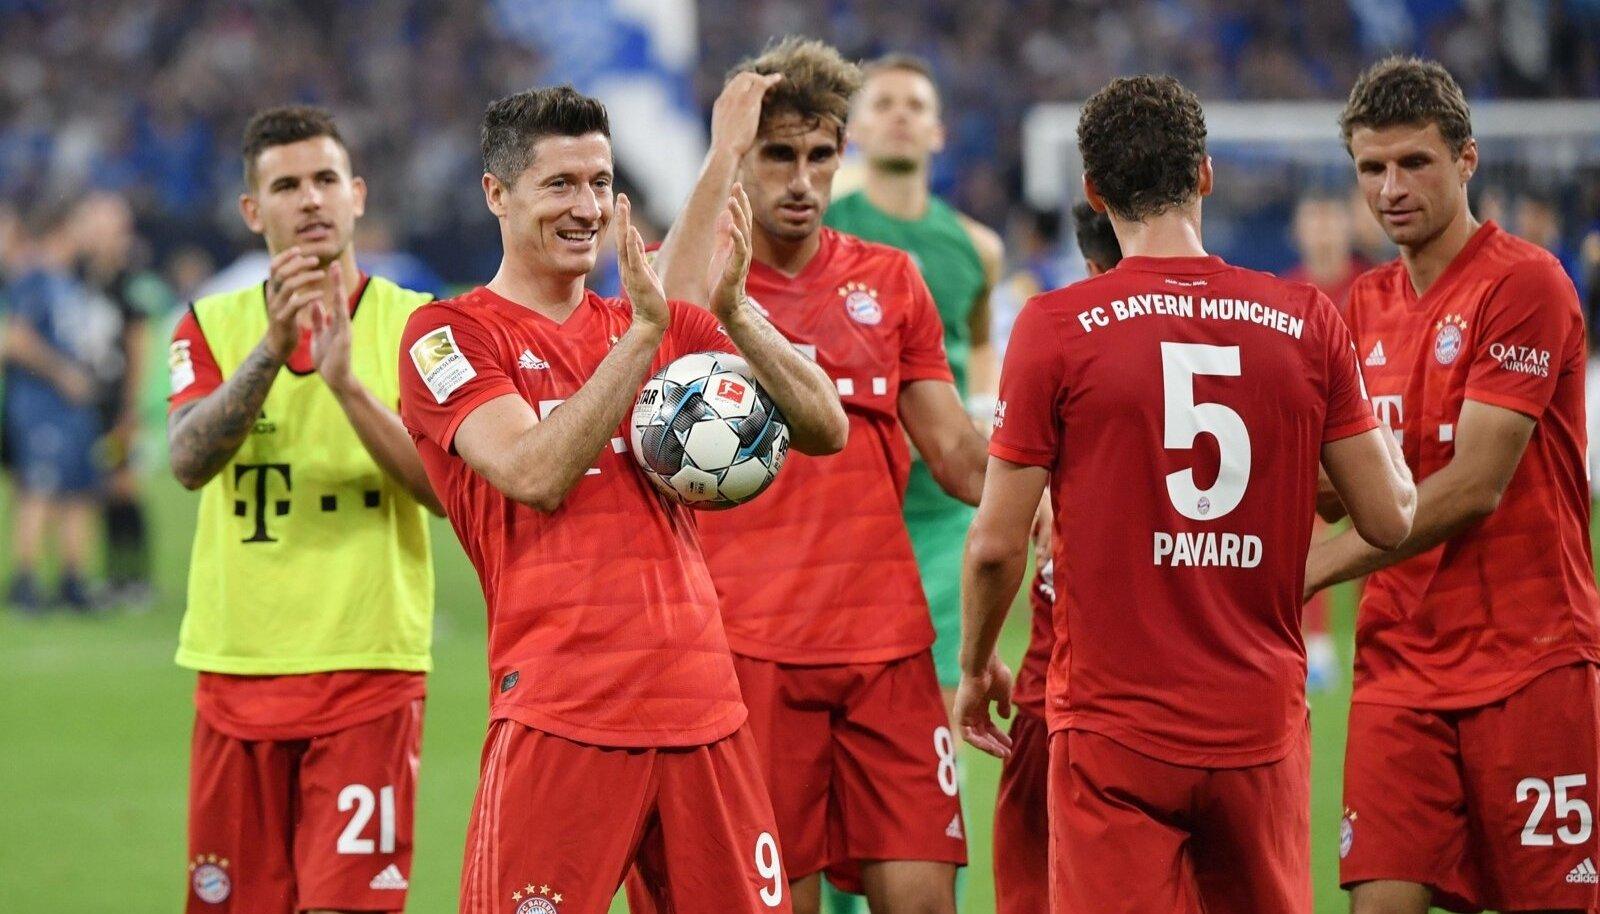 24 08 2019 Fussball GER Saison 2019 2020 1 Bundesliga 2 Spieltag FC Schalke 04 FC Bayern M